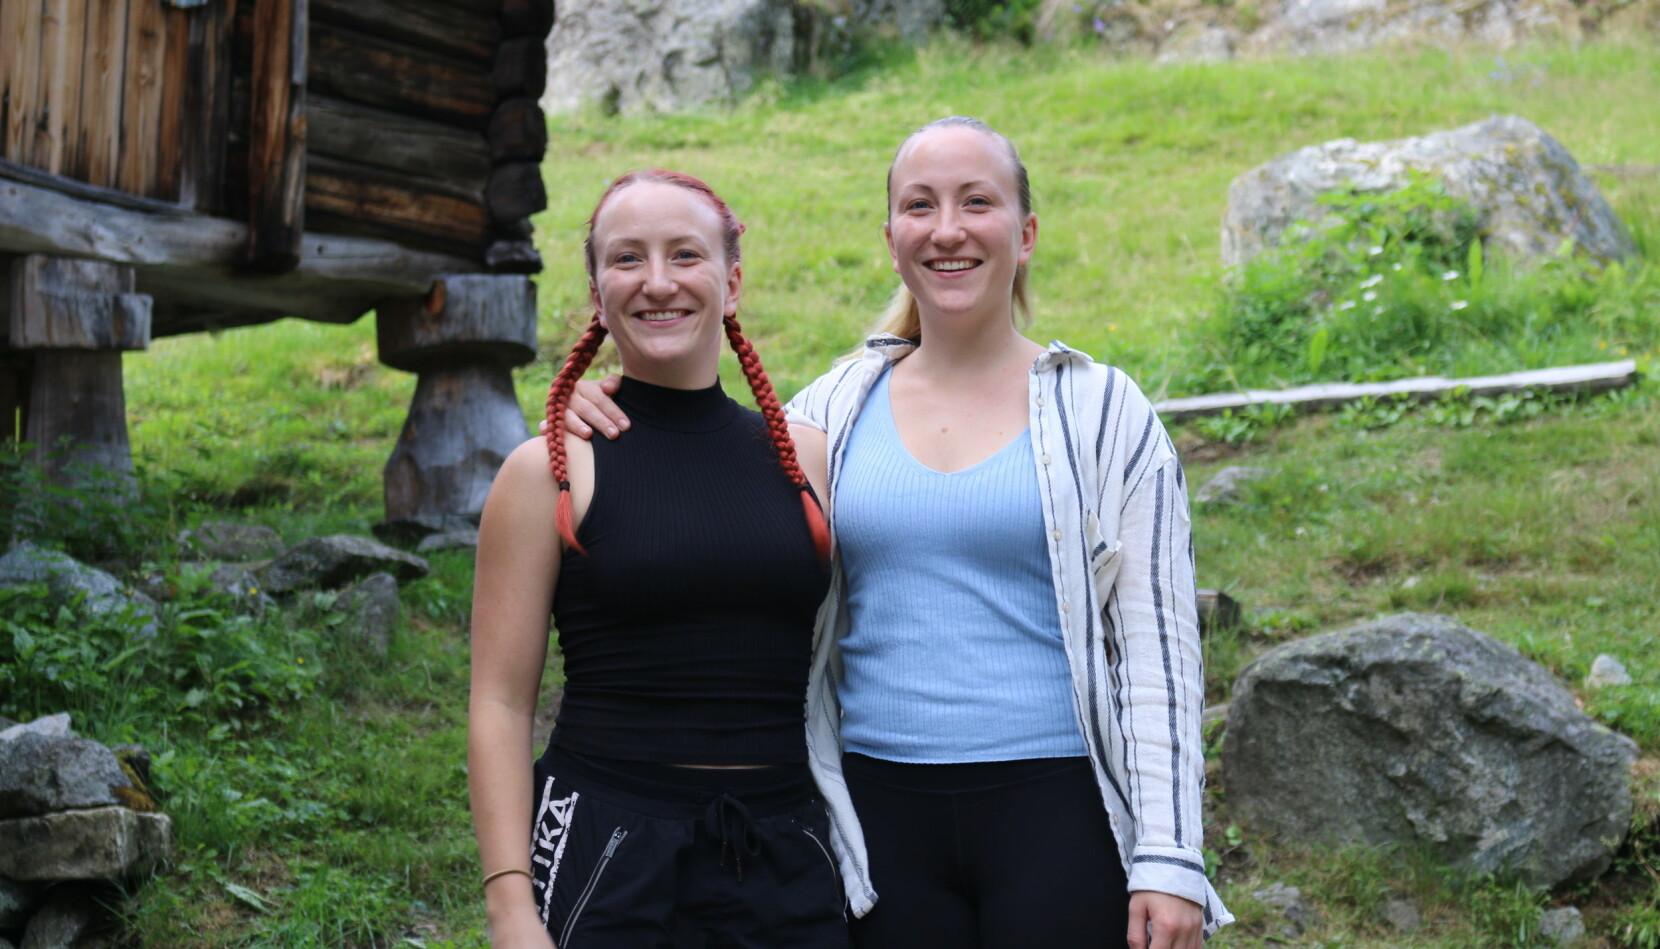 VETTI: Annelie (28) og Amanda Liliemark (28) hadde aldri vore i Noreg før dei tok på seg vertskapet på Vetti Gard for berre nokre veker sidan.